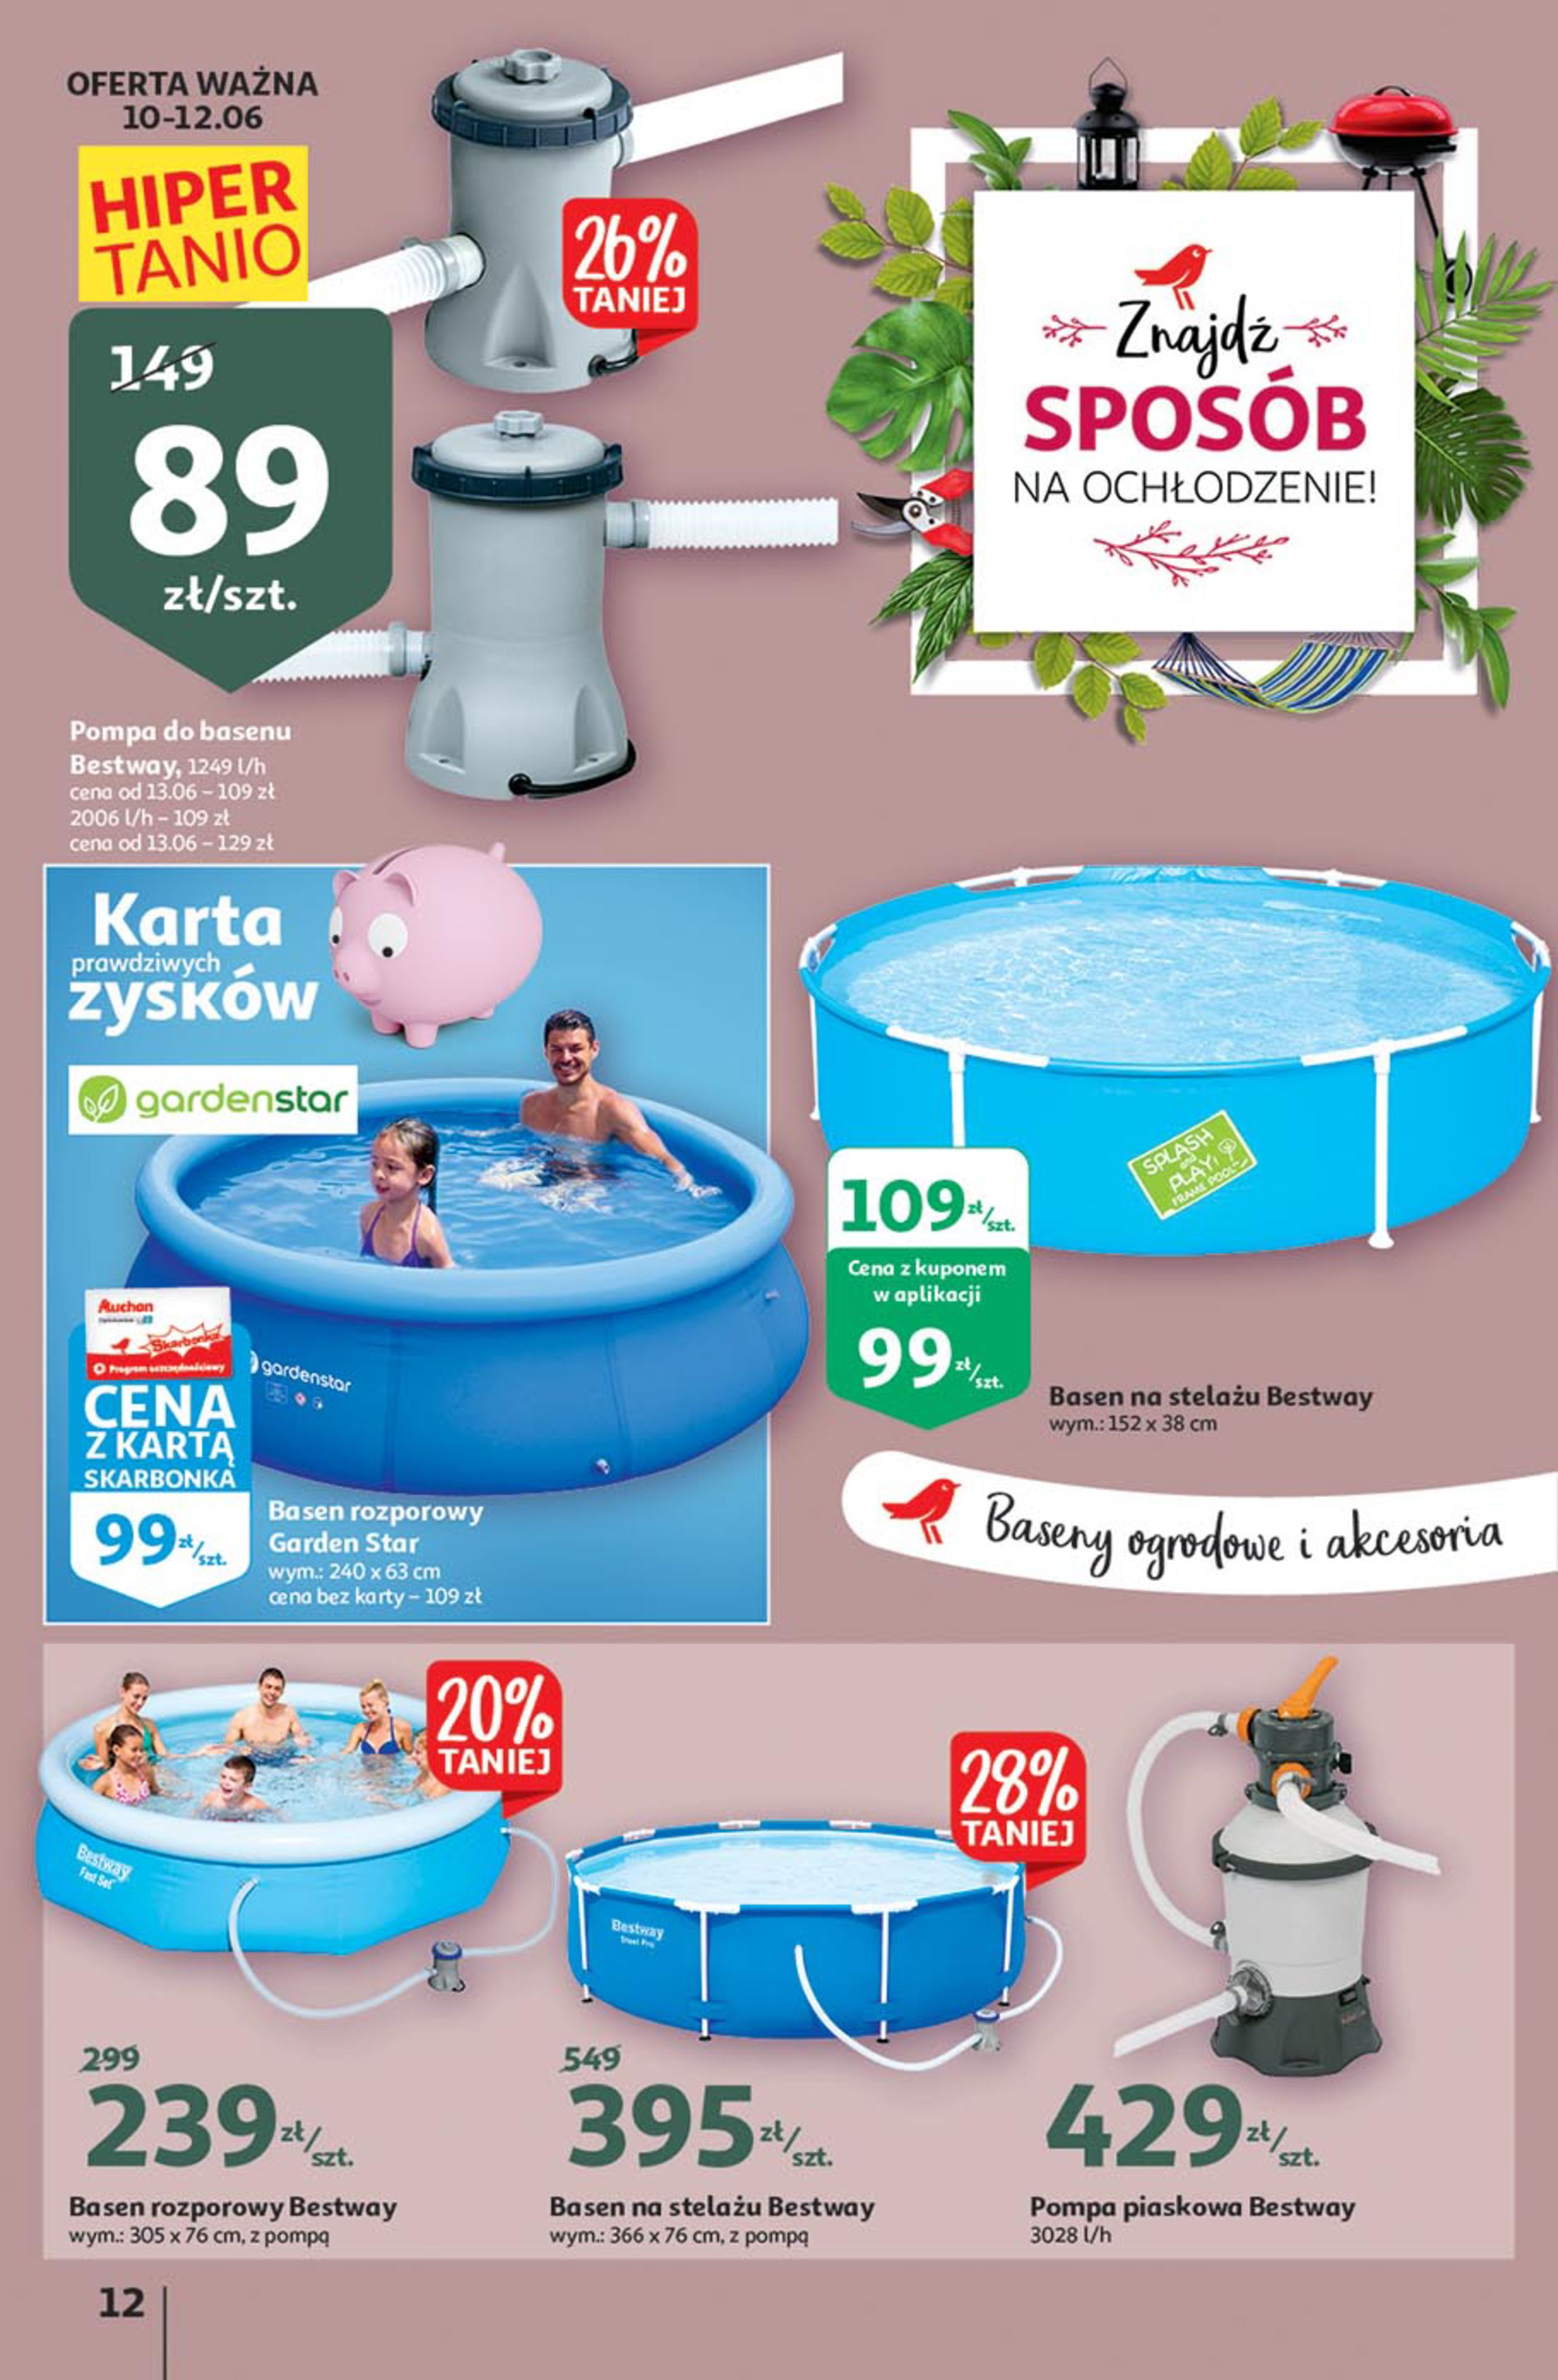 Gazetka Auchan: Gazetka Auchan - Euro 2020 2021-06-10 page-12